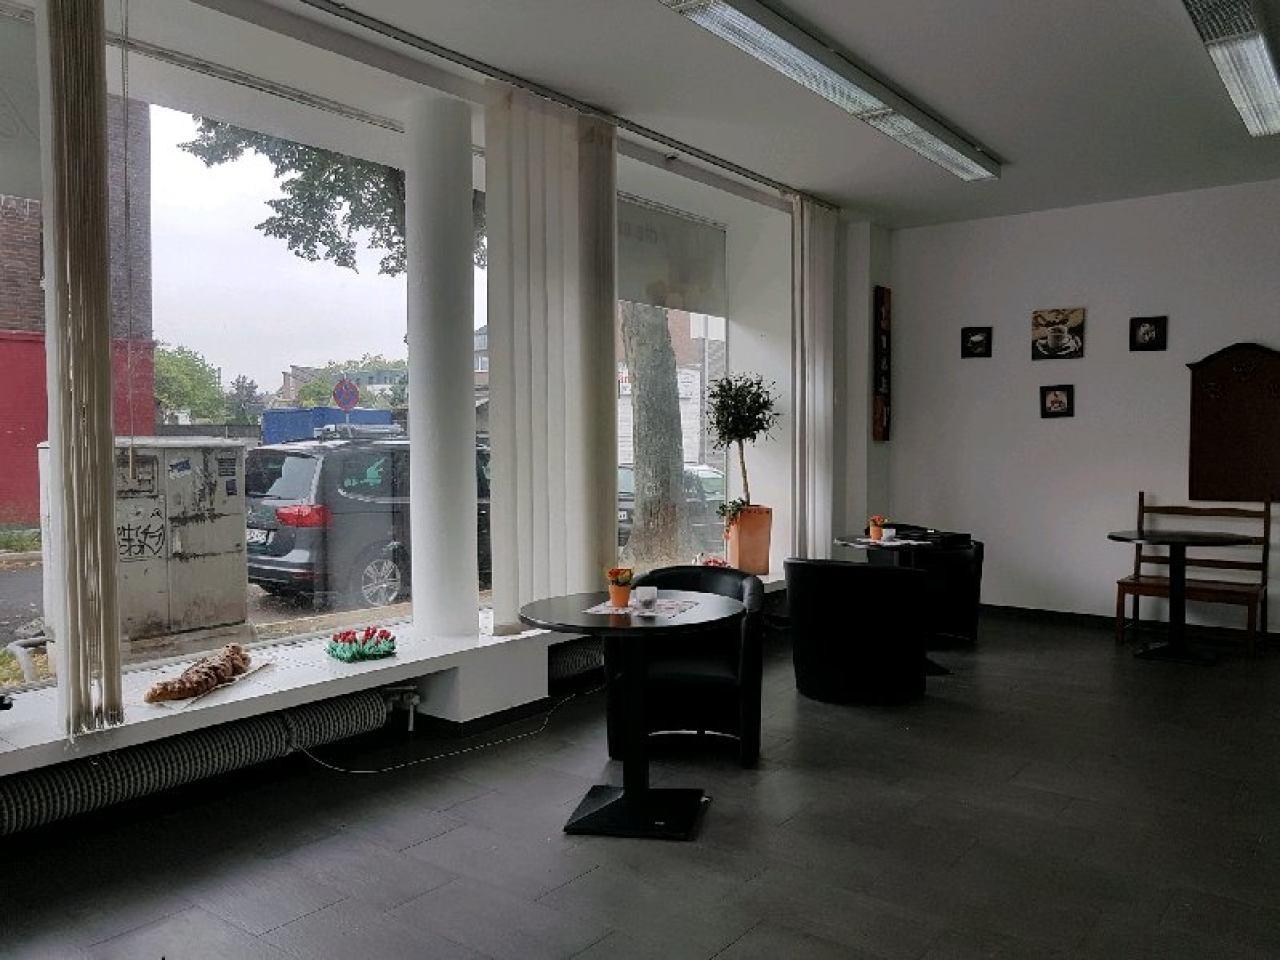 große Fensterfront